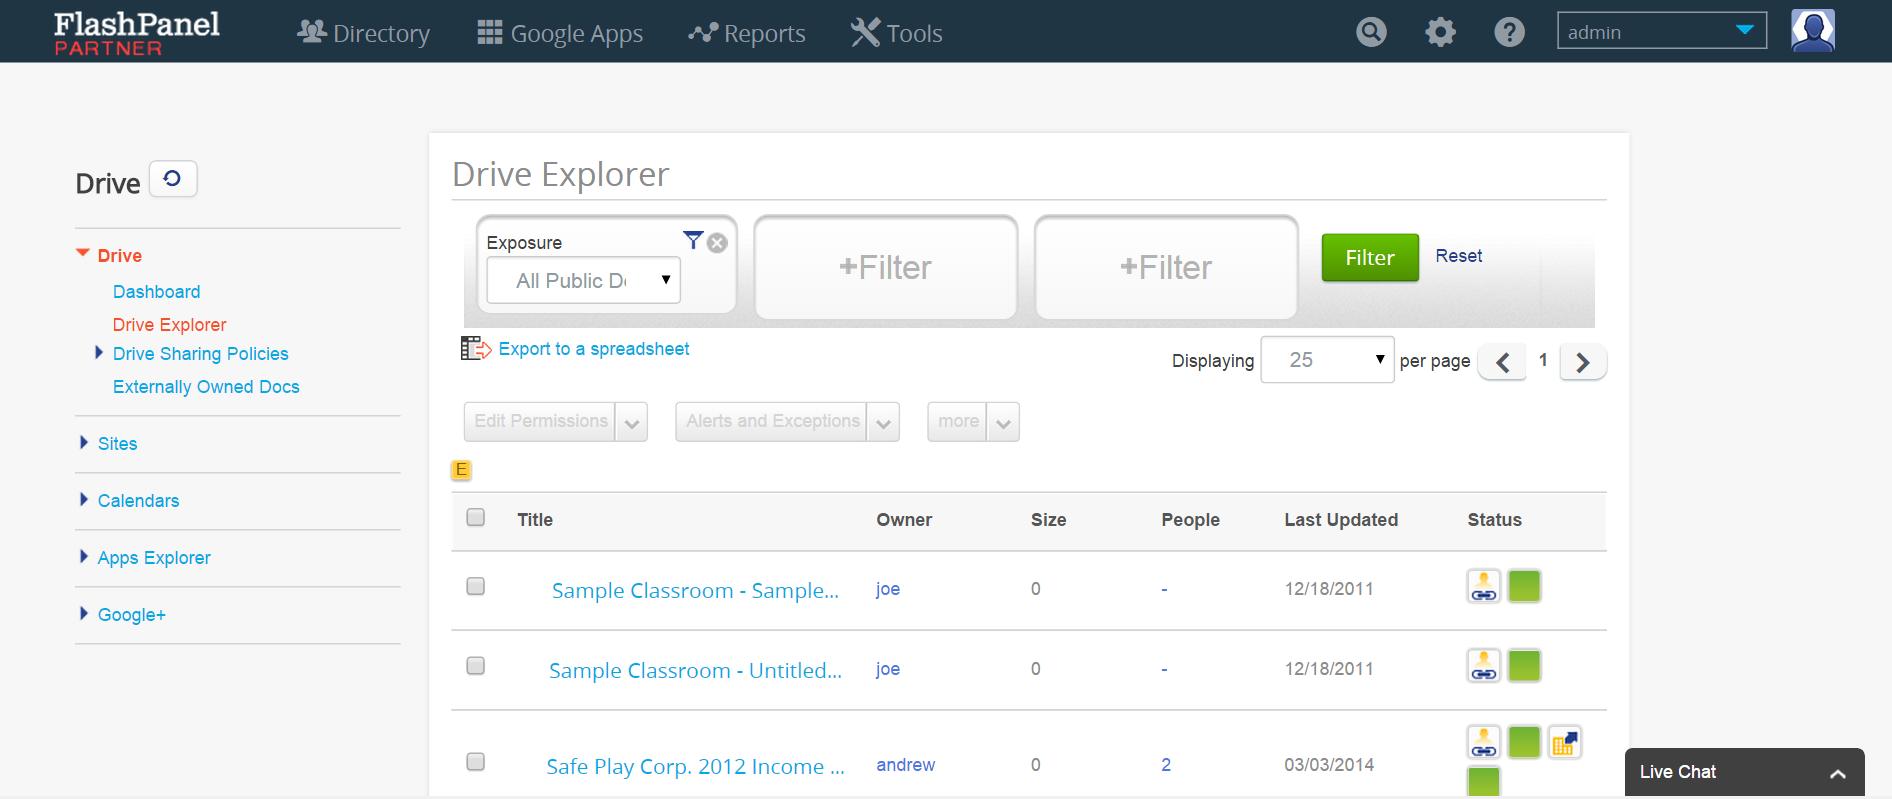 FlashPanel Drive Explorer